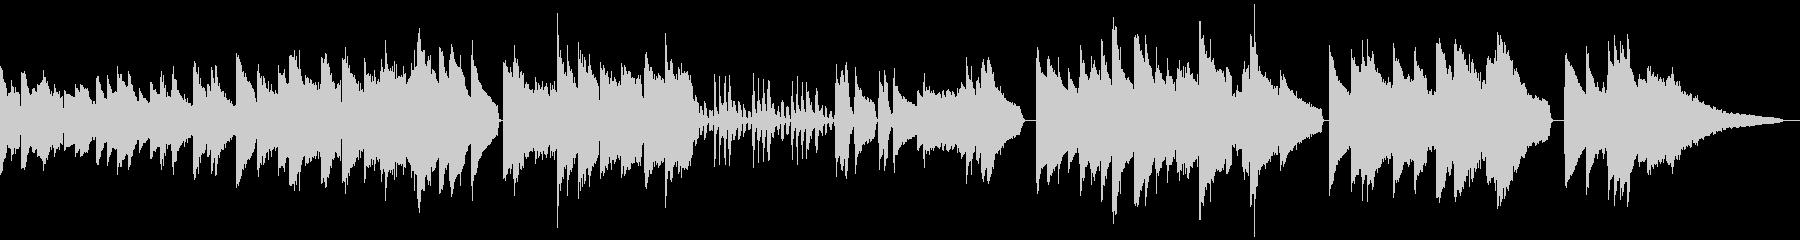 エレピでベートーベン ピアノソナタ悲愴 の未再生の波形